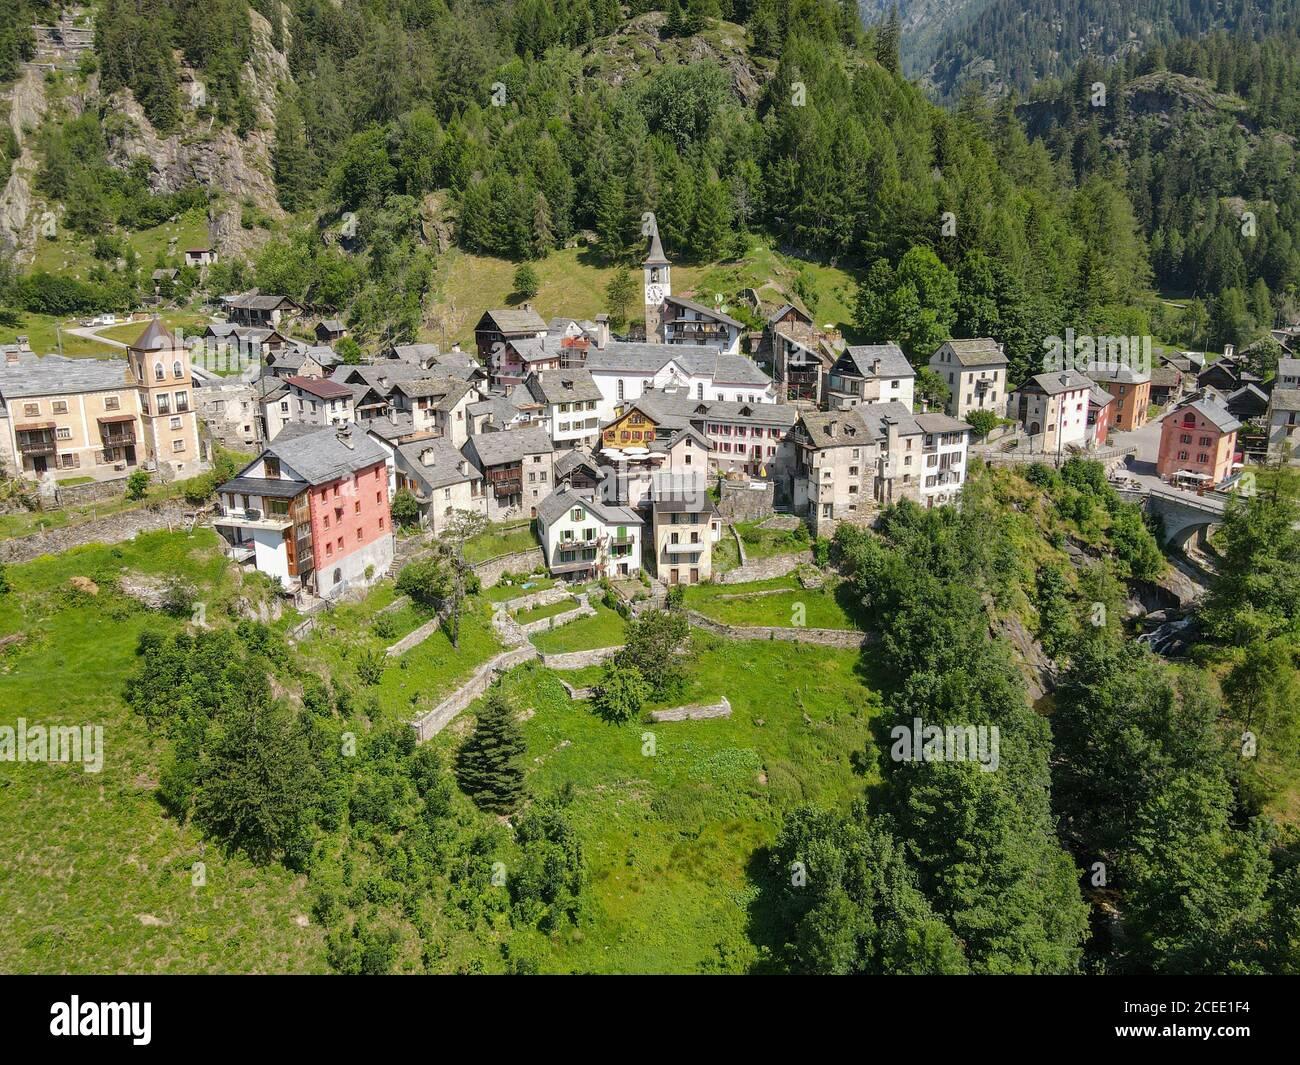 El pueblo de Fusio en el valle de Maggia en el italiano Parte de Suiza Foto de stock